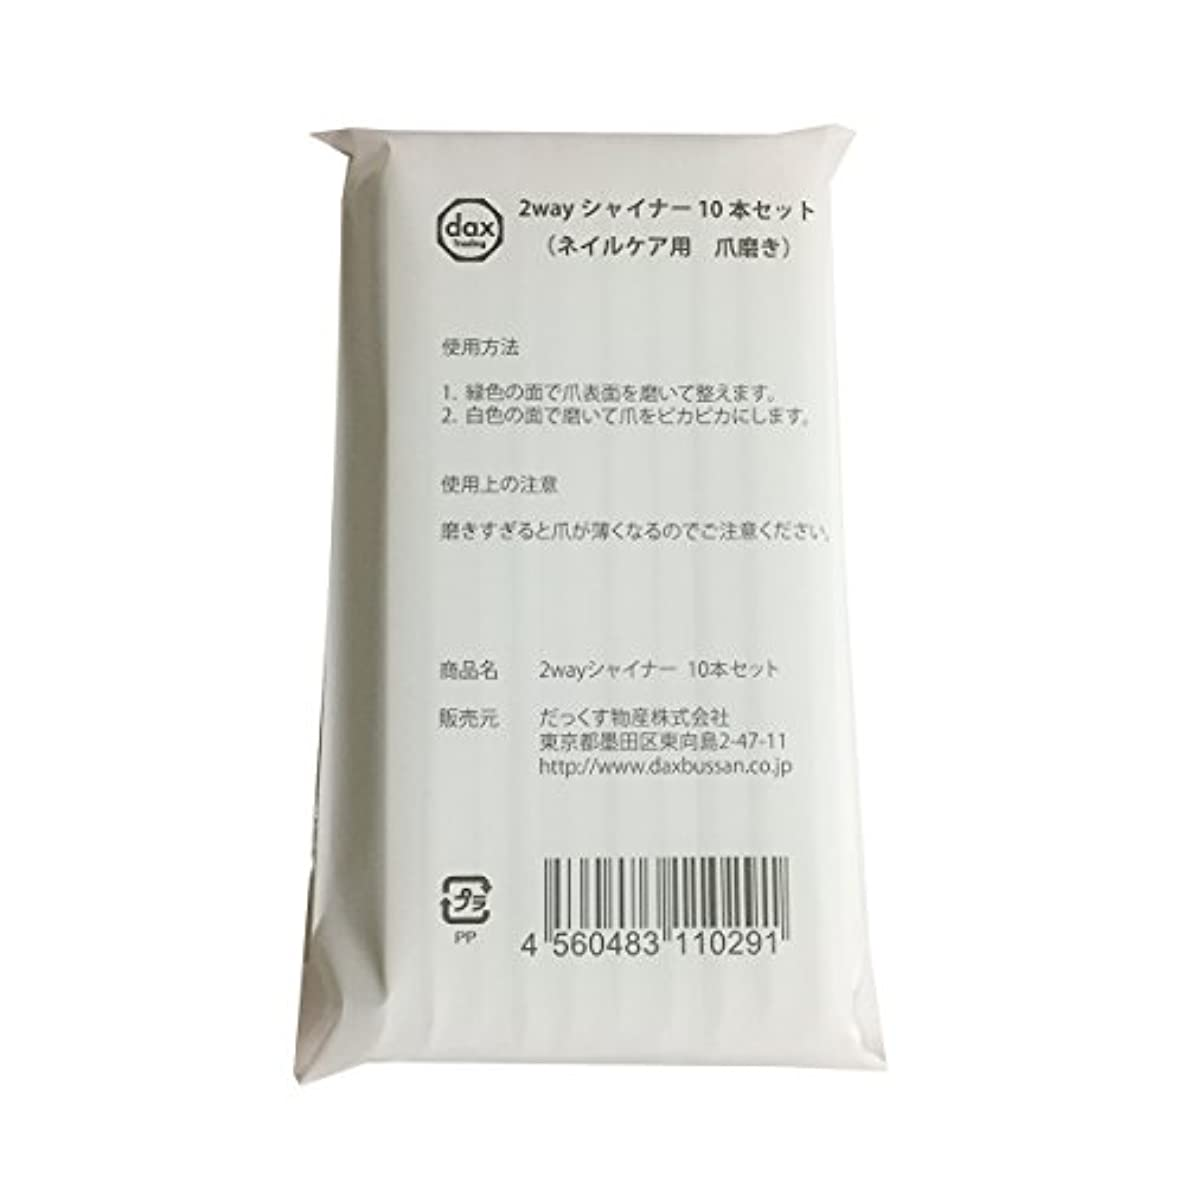 内陸事故オーク【だっくす物産】2wayシャイナー 10本セット (ネイルケア用 爪磨き)